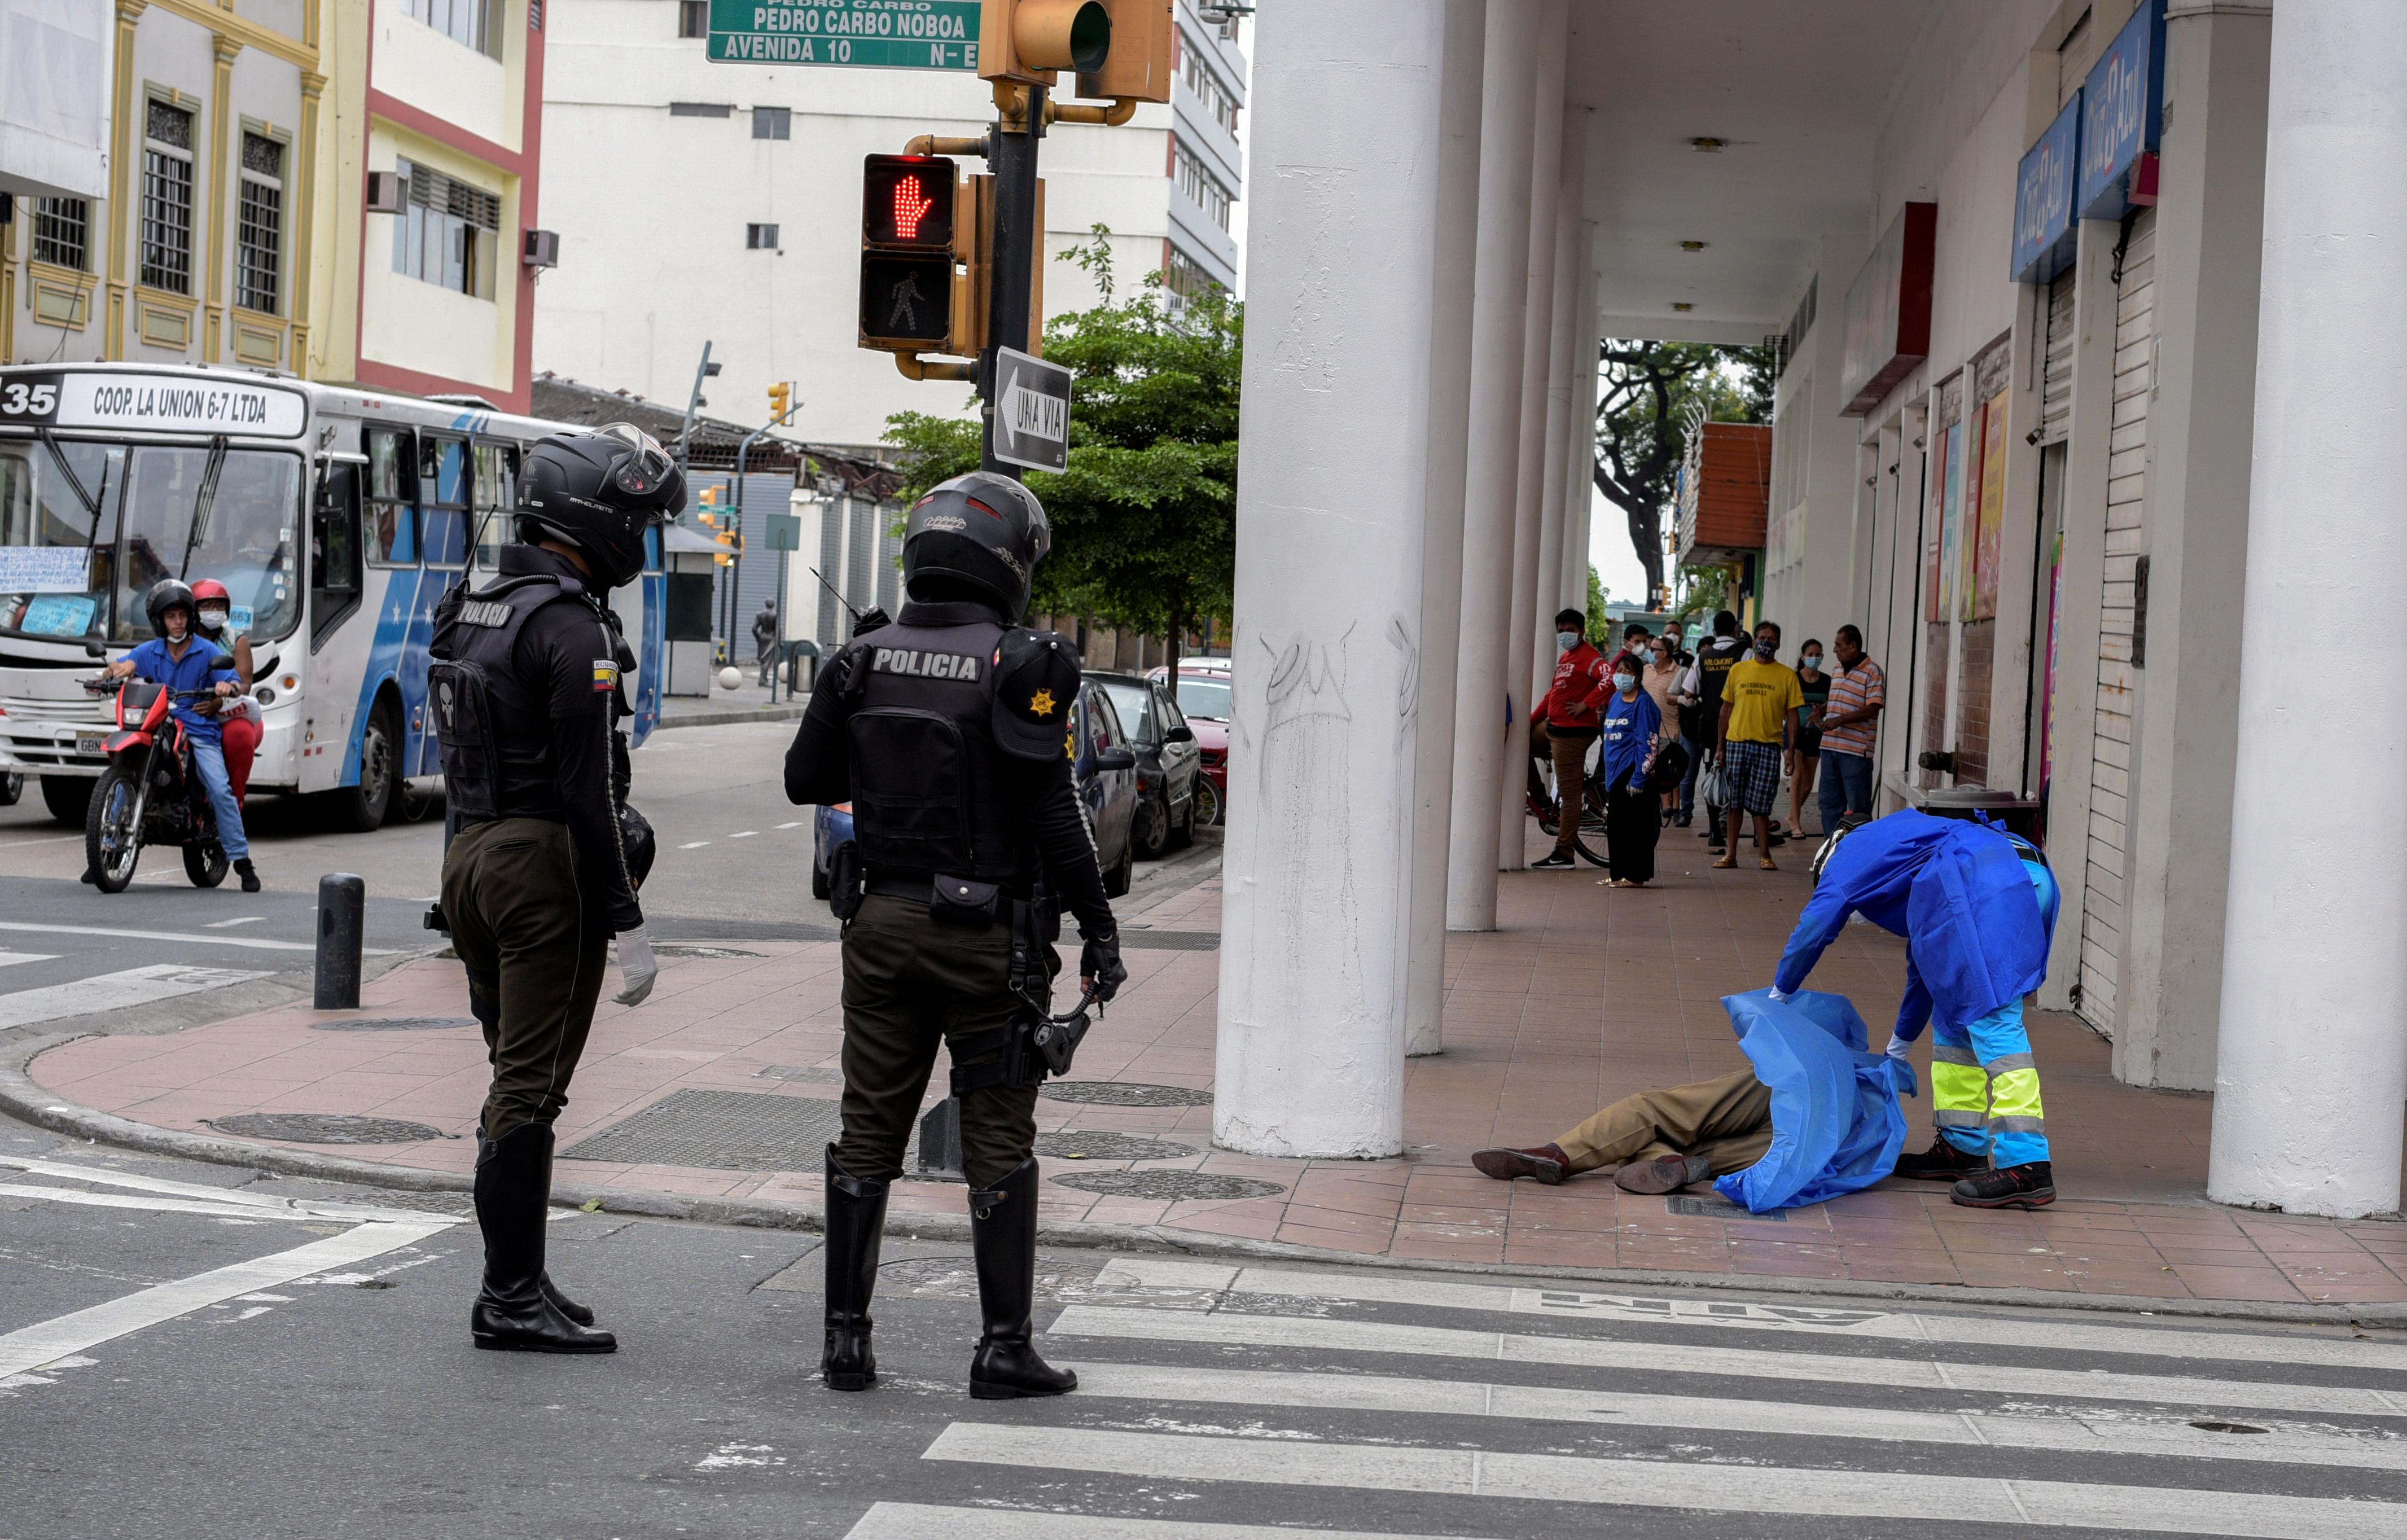 Aparecieron cuerpos de personas en Guayaquil, Ecuador (REUTERS)